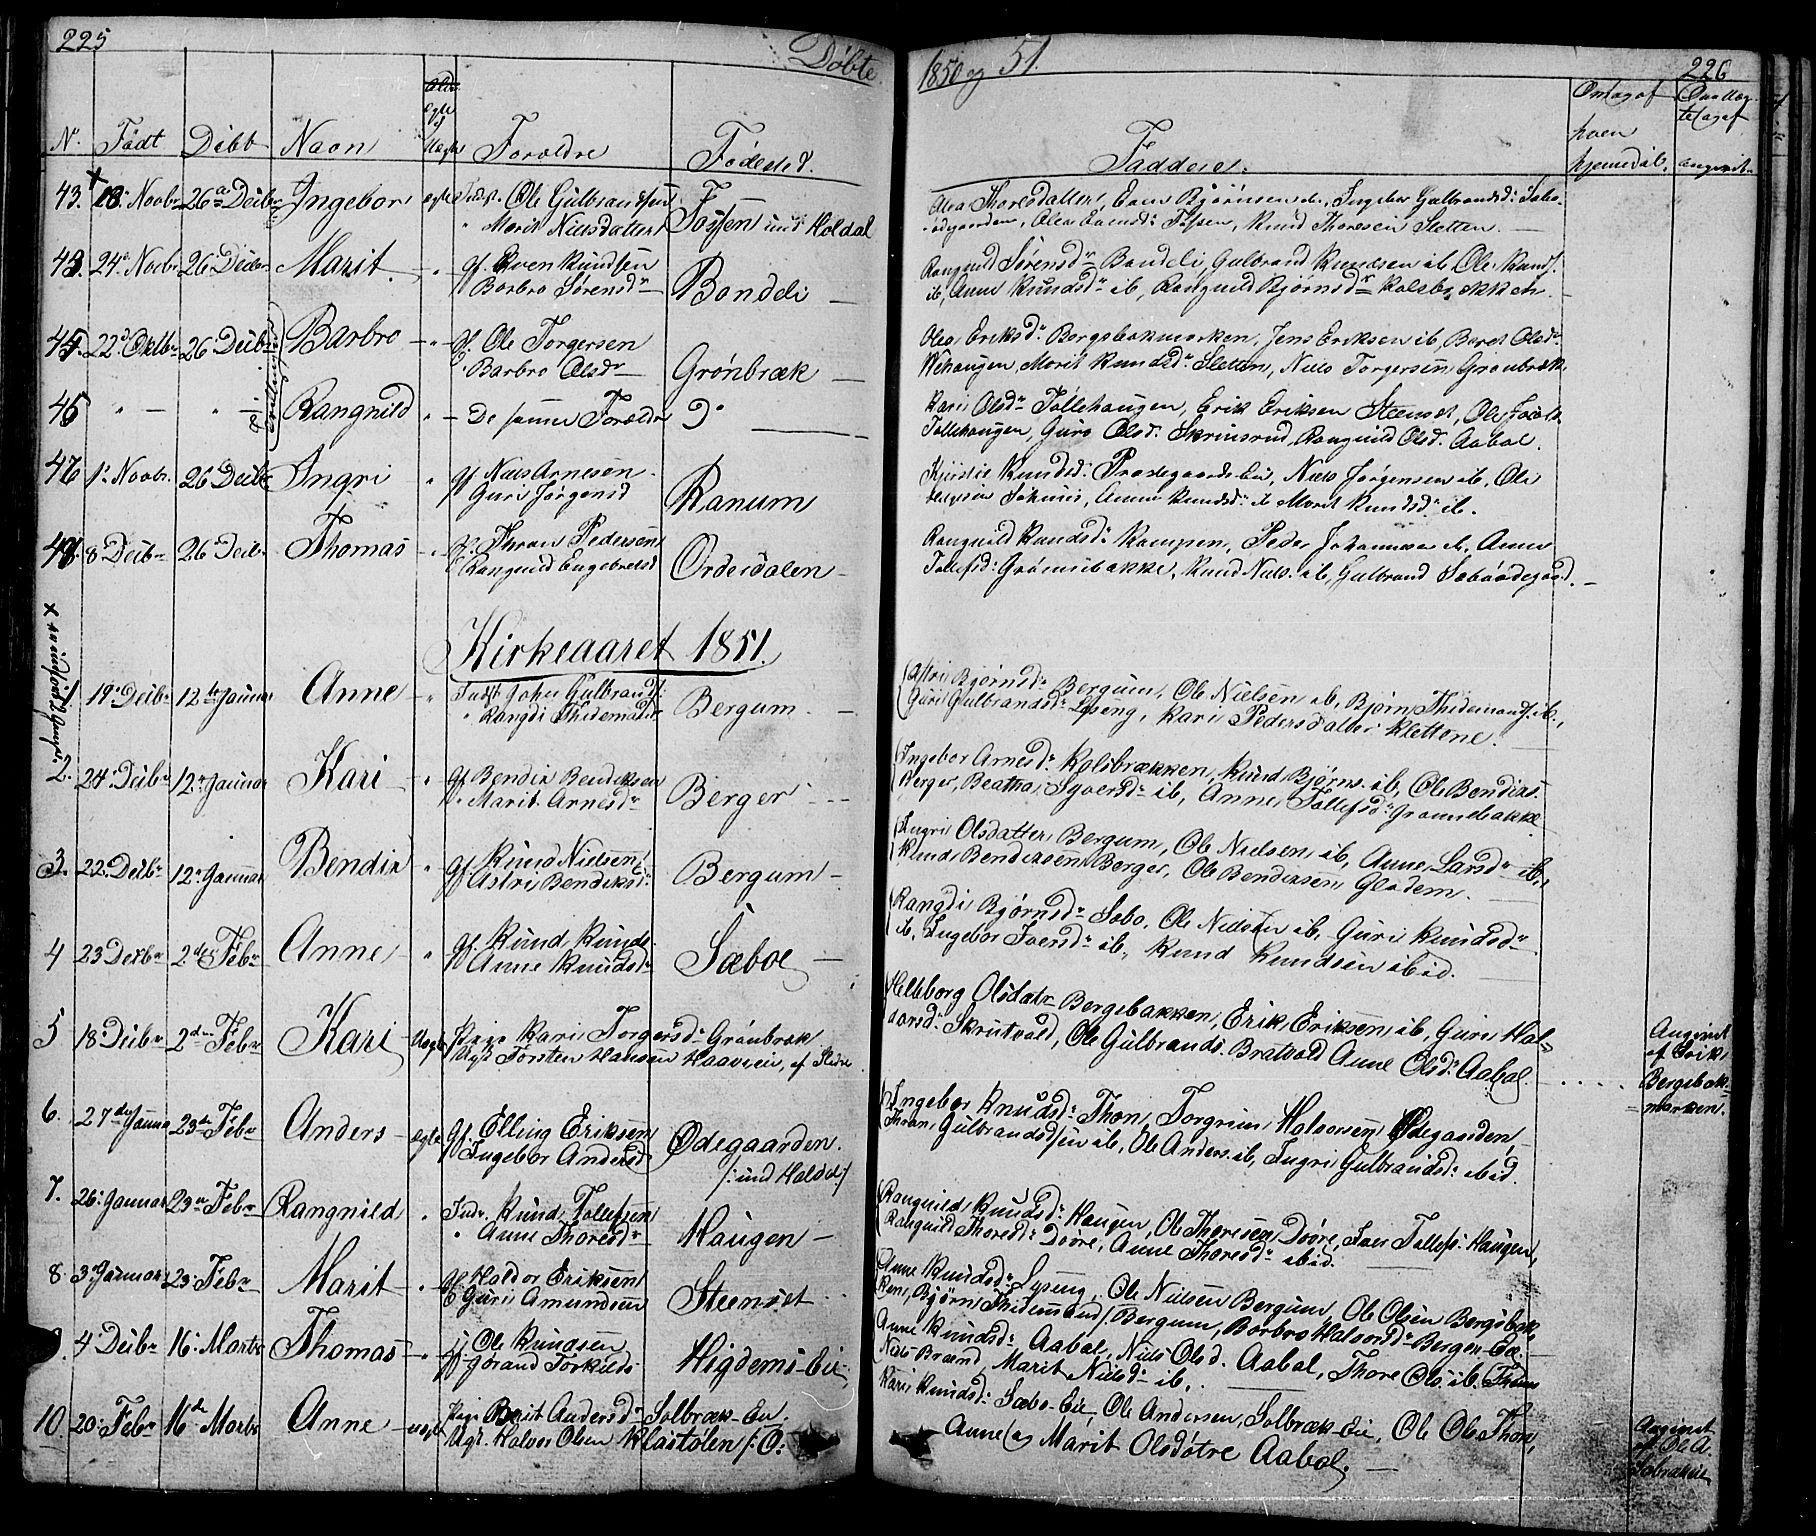 SAH, Nord-Aurdal prestekontor, Klokkerbok nr. 1, 1834-1887, s. 225-226